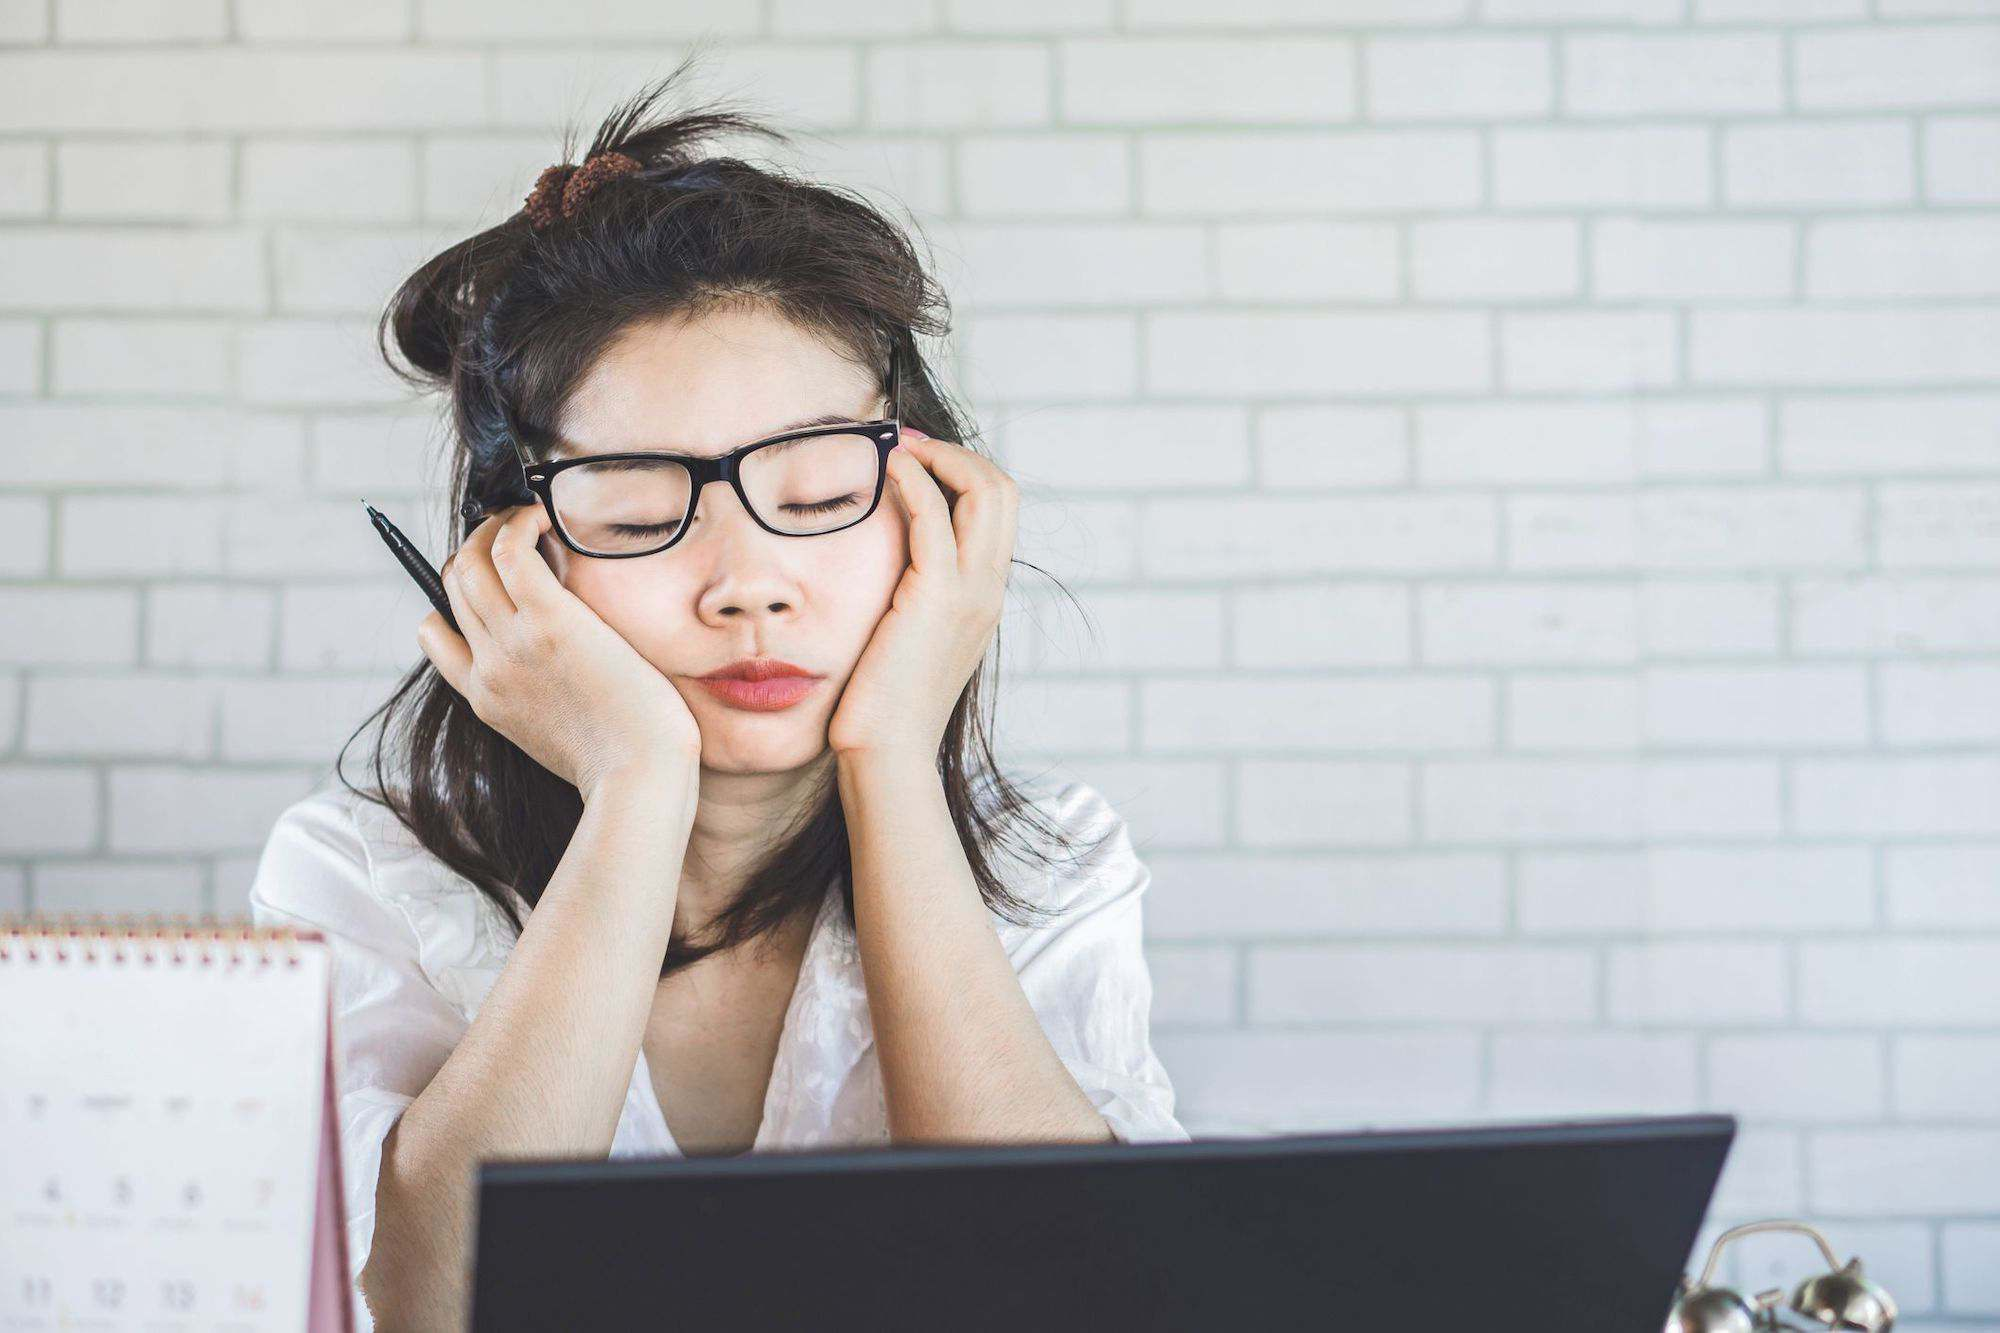 #WFHTips: Burnout khi làm việc tại nhà, bạn đã biết cách giải quyết?